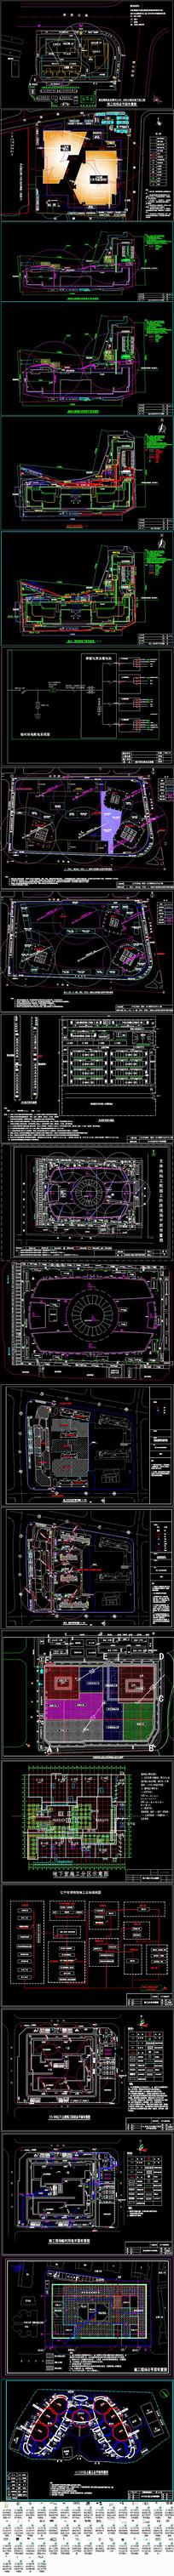 建筑工程施工现场平面布置图集锦25个项目